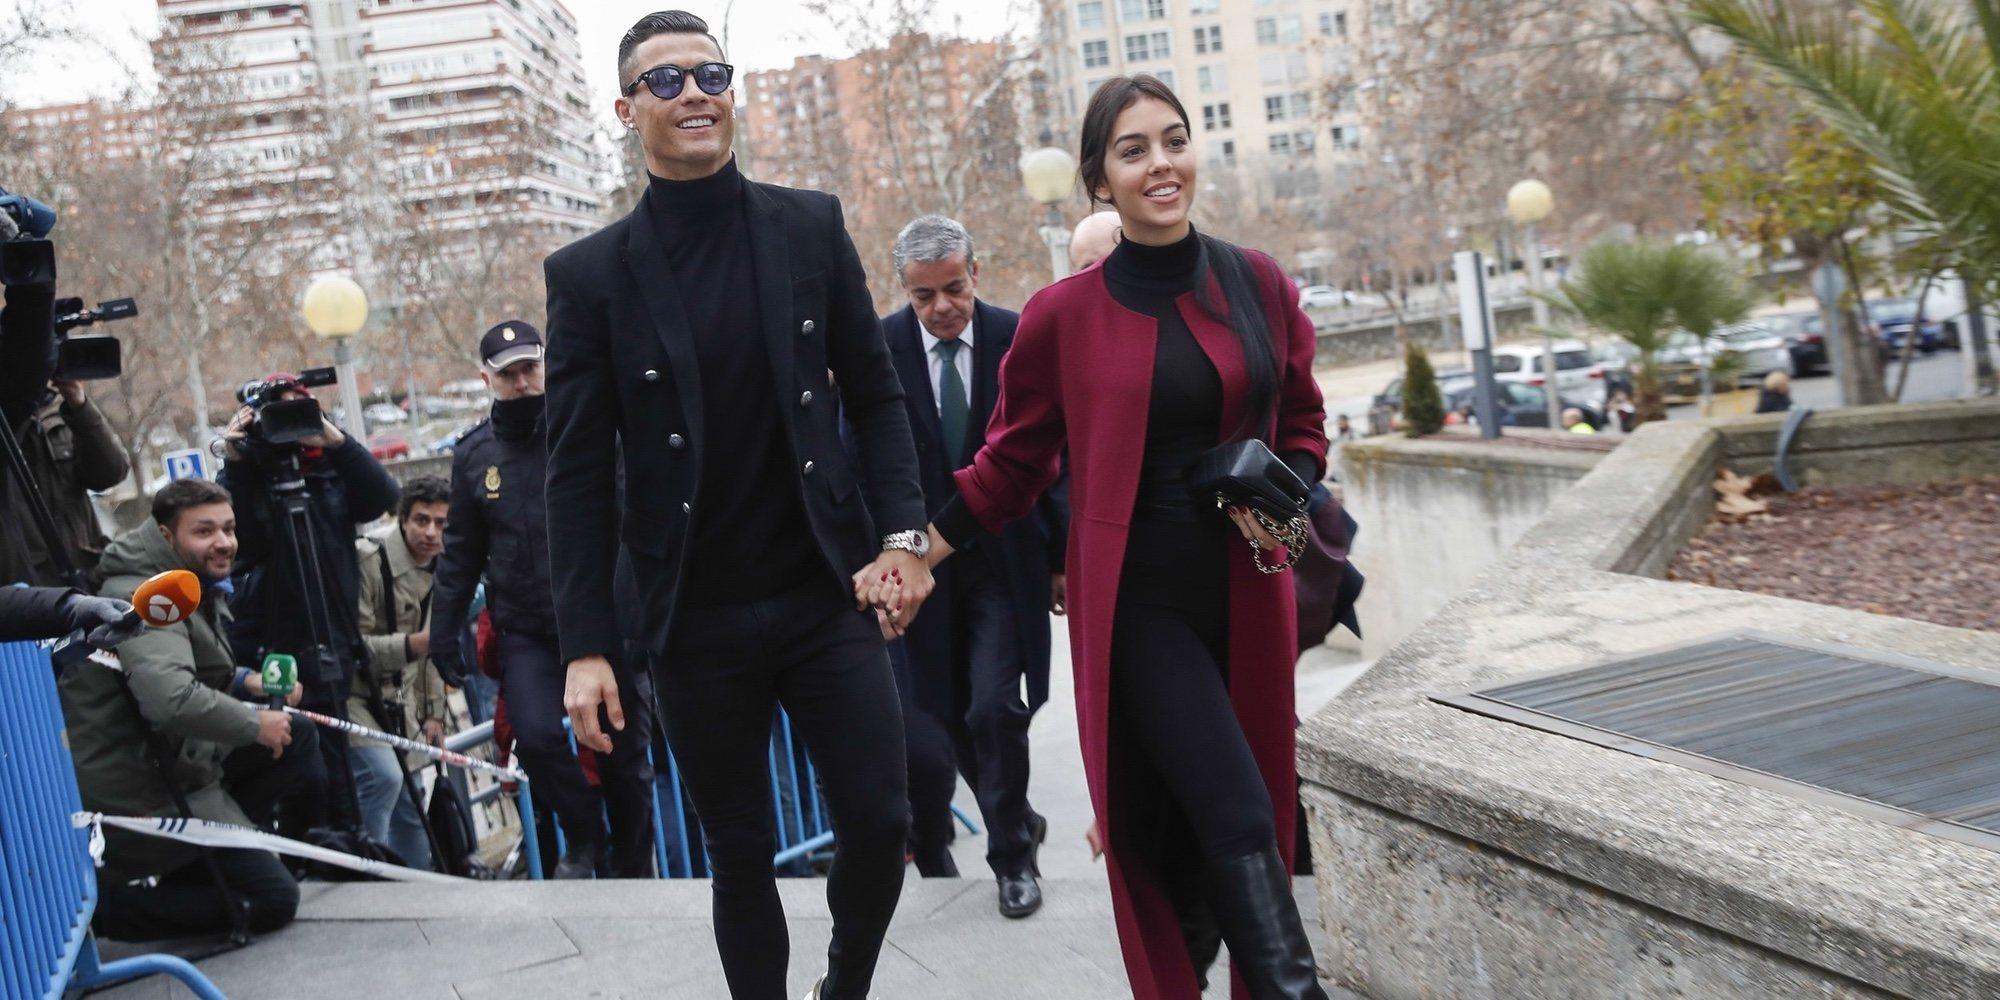 Cristiano Ronaldo inaugura su clínica de trasplante capilar junto a su mano derecha Georgina Rodríguez